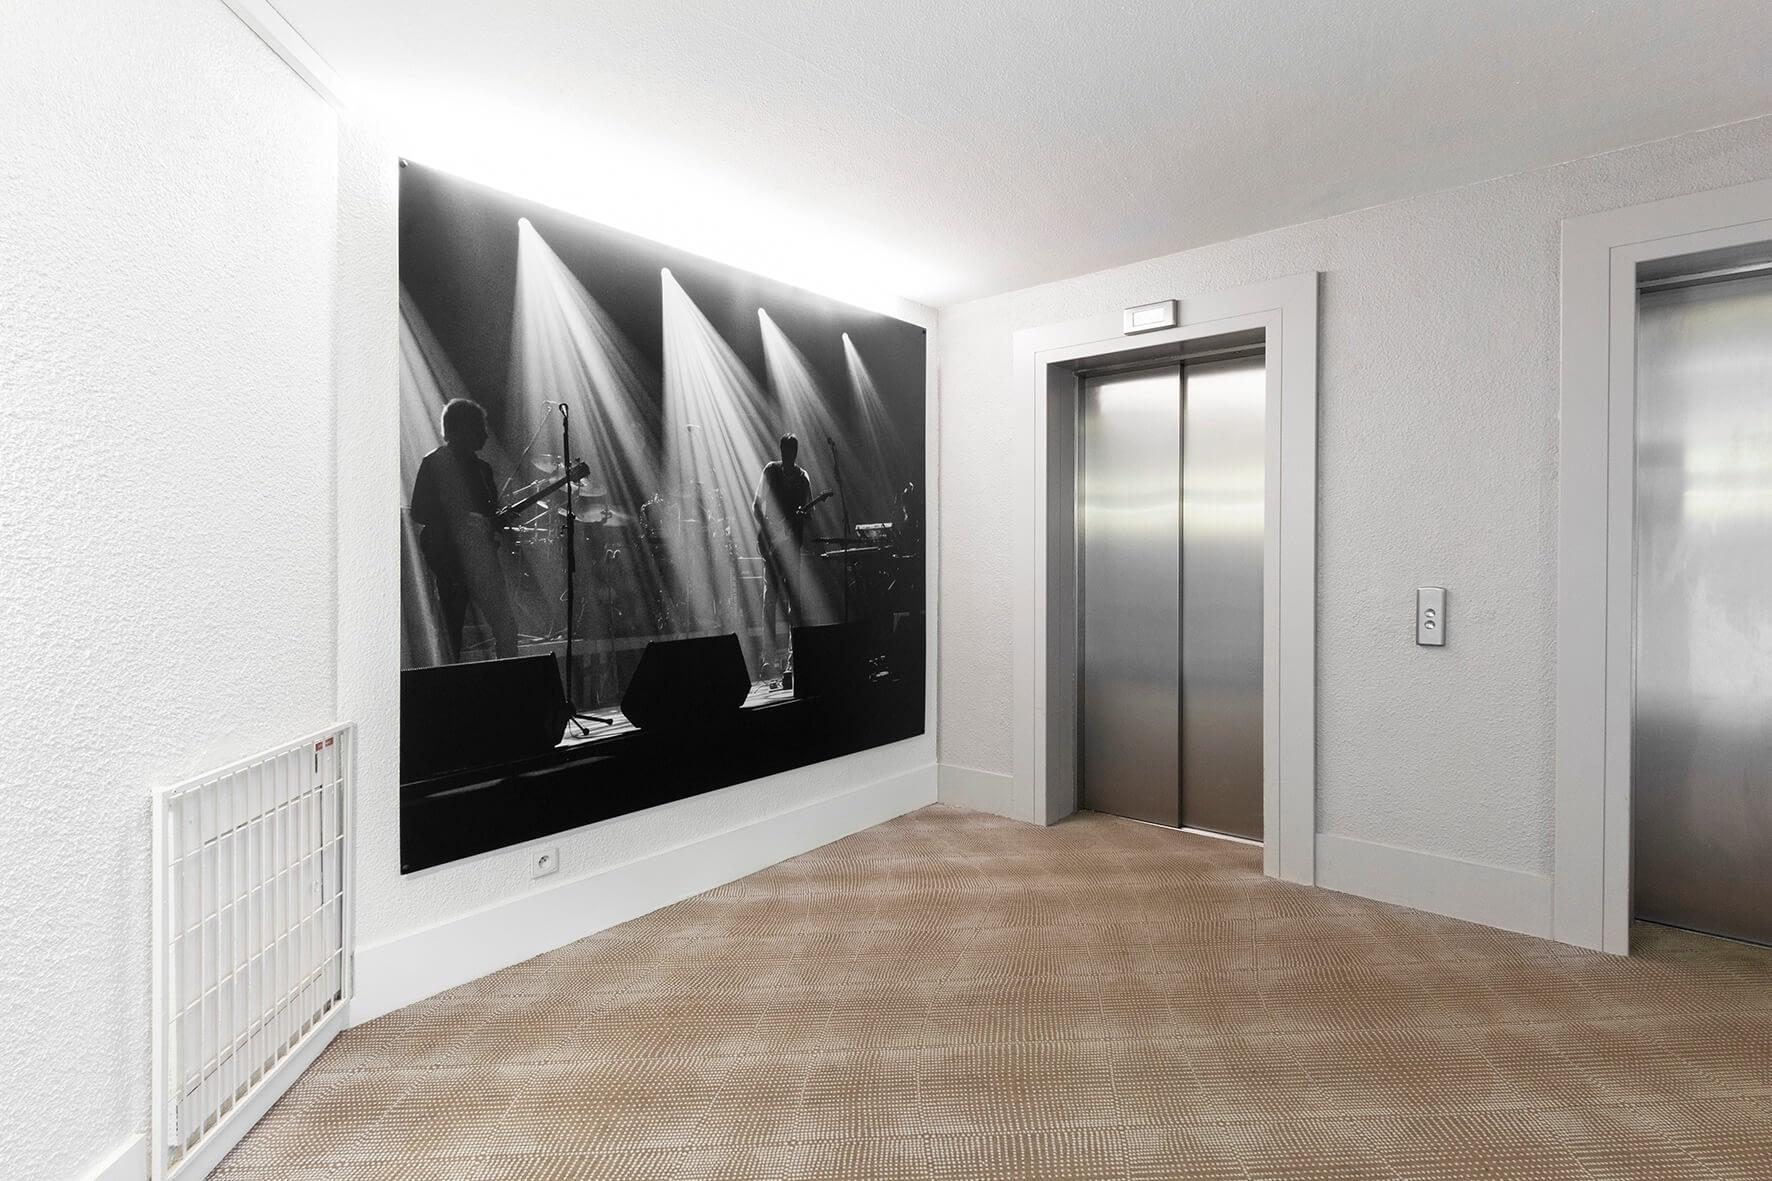 Vente et installation de photographies d'art Pixopolitan pour le Novotel Paris Centre Bercy.